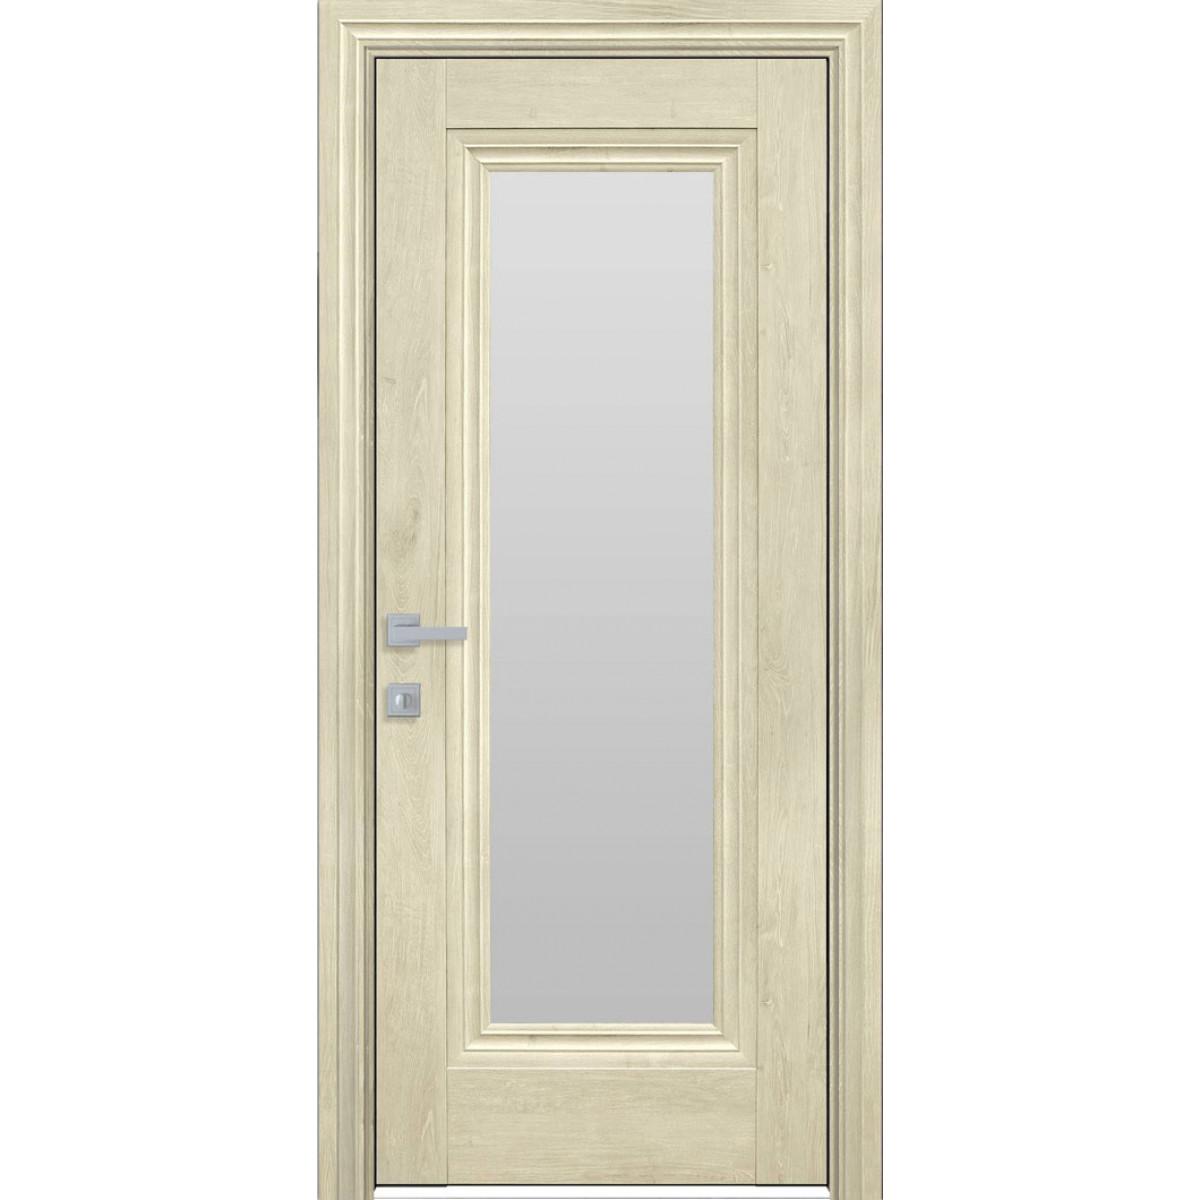 Межкомнатная дверь Милла со стеклом глухая ЭкоВуд Новый стиль